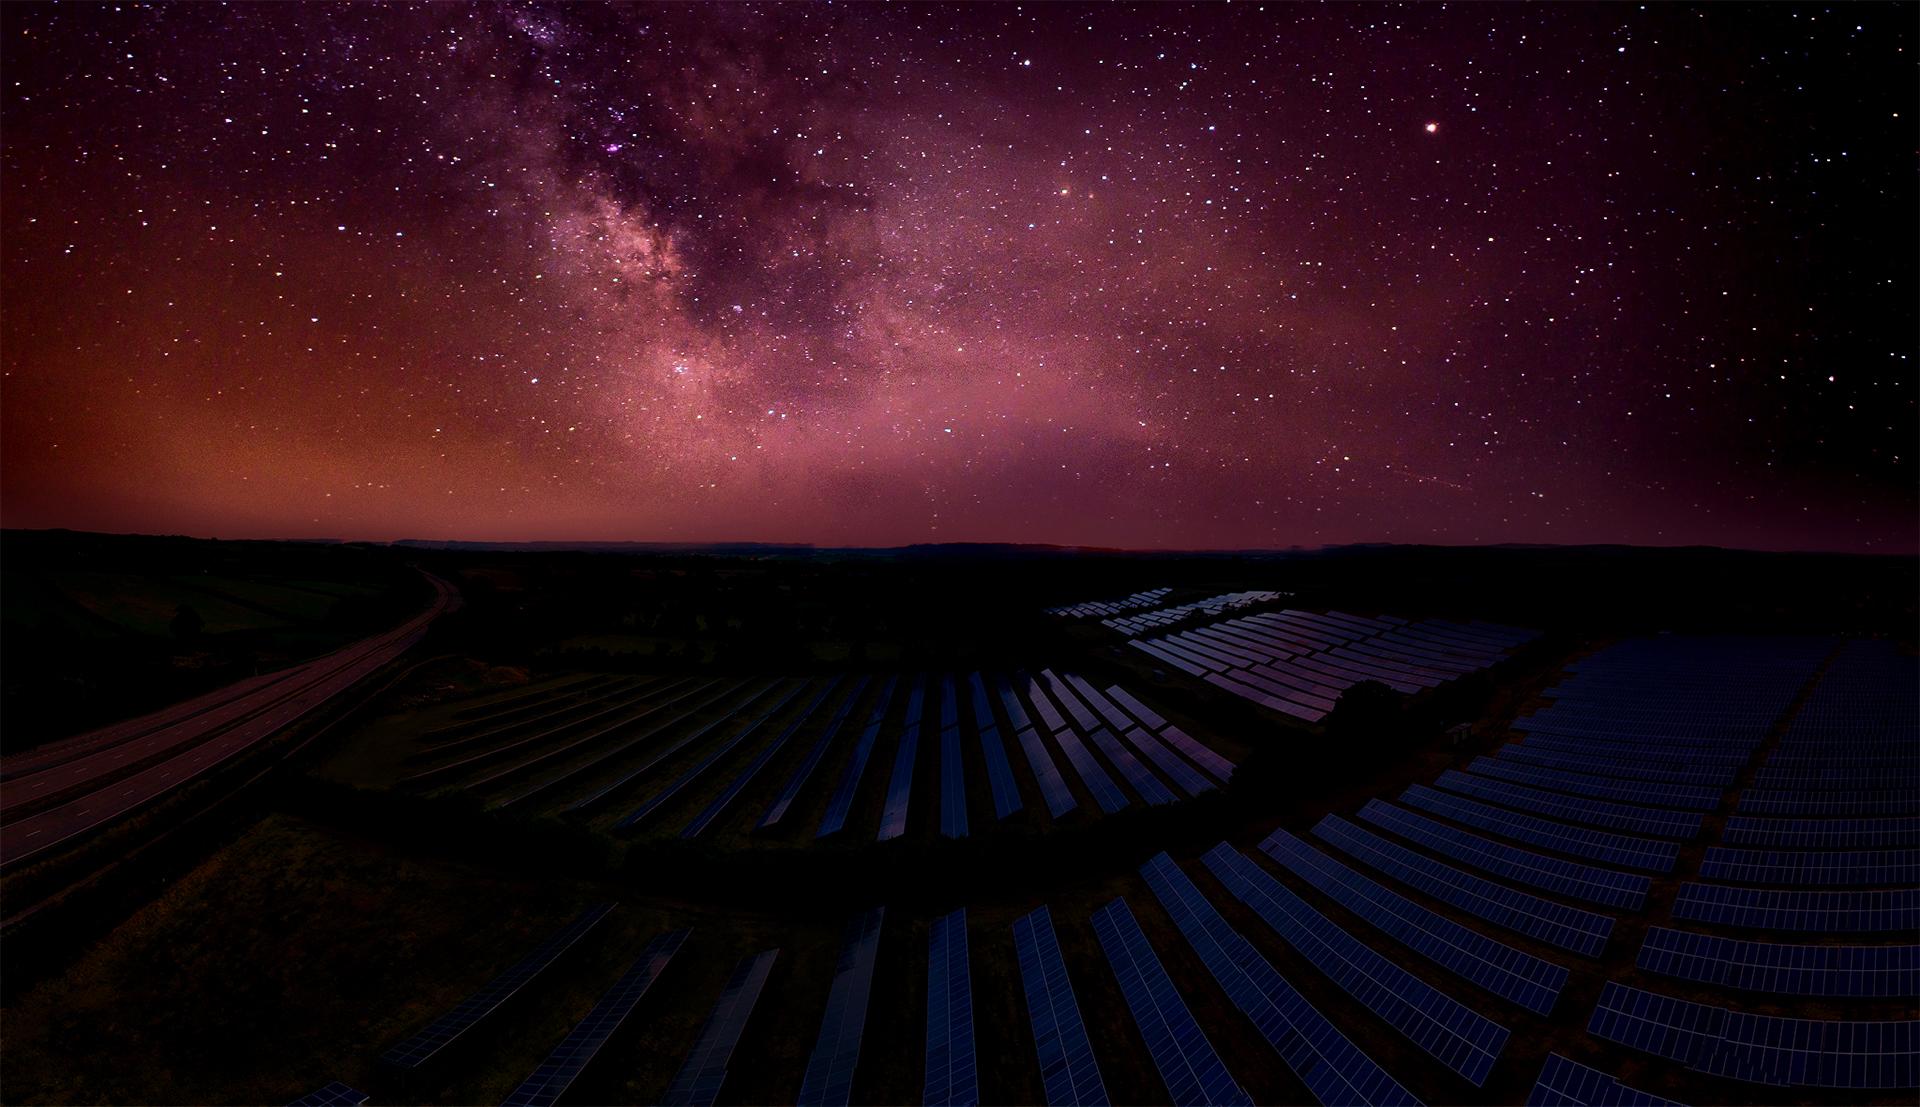 DJI_Solar_System_L4.jpg